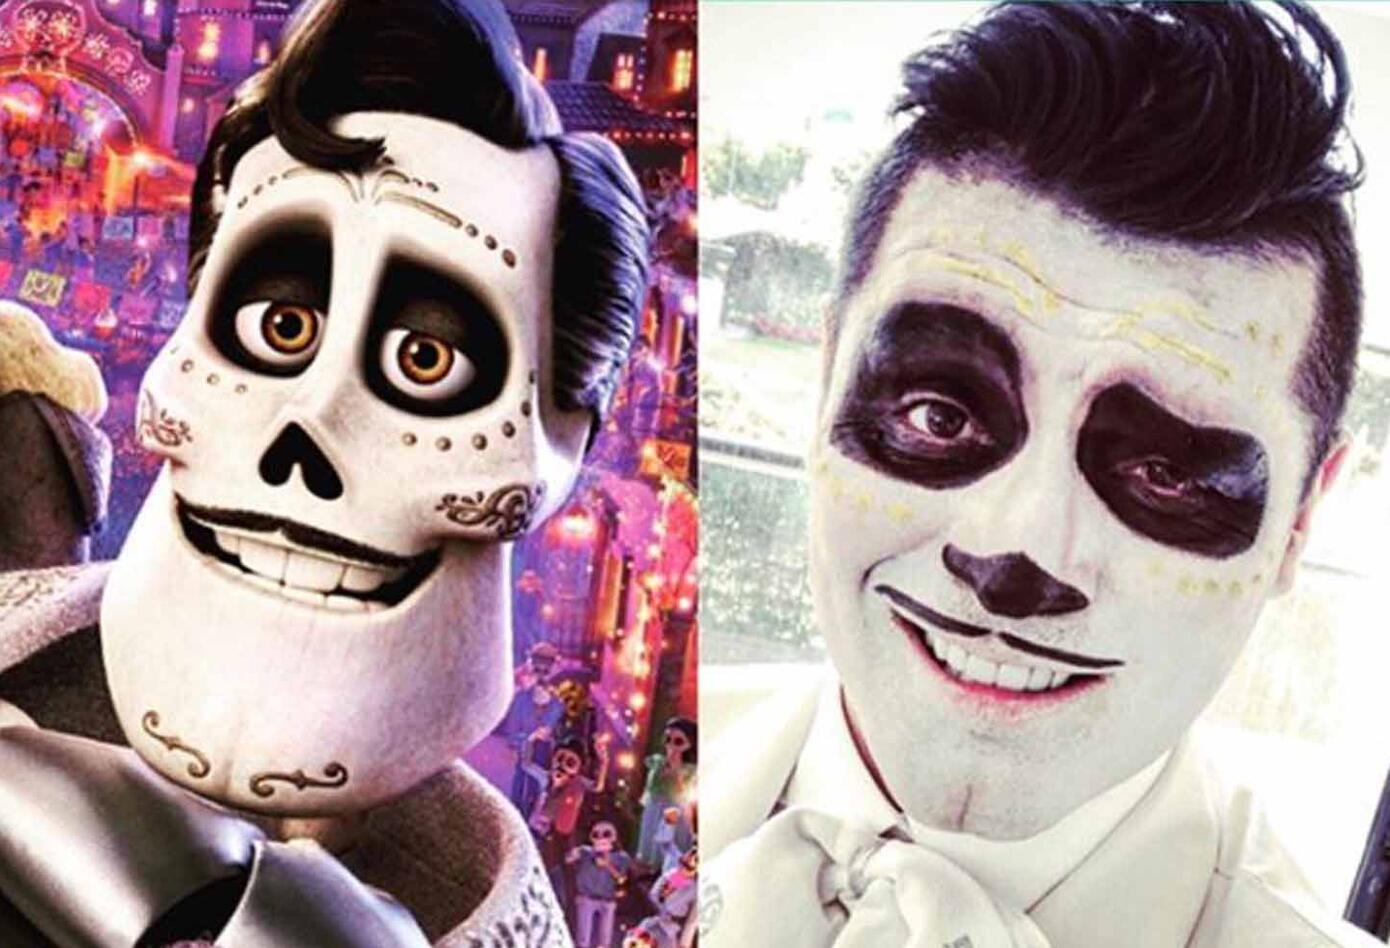 Hassam se destaca por representar distintos personajes en su profesión. Sin embargo, este Halloween decidió darle vida a uno de los personajes de la película 'Coco'.